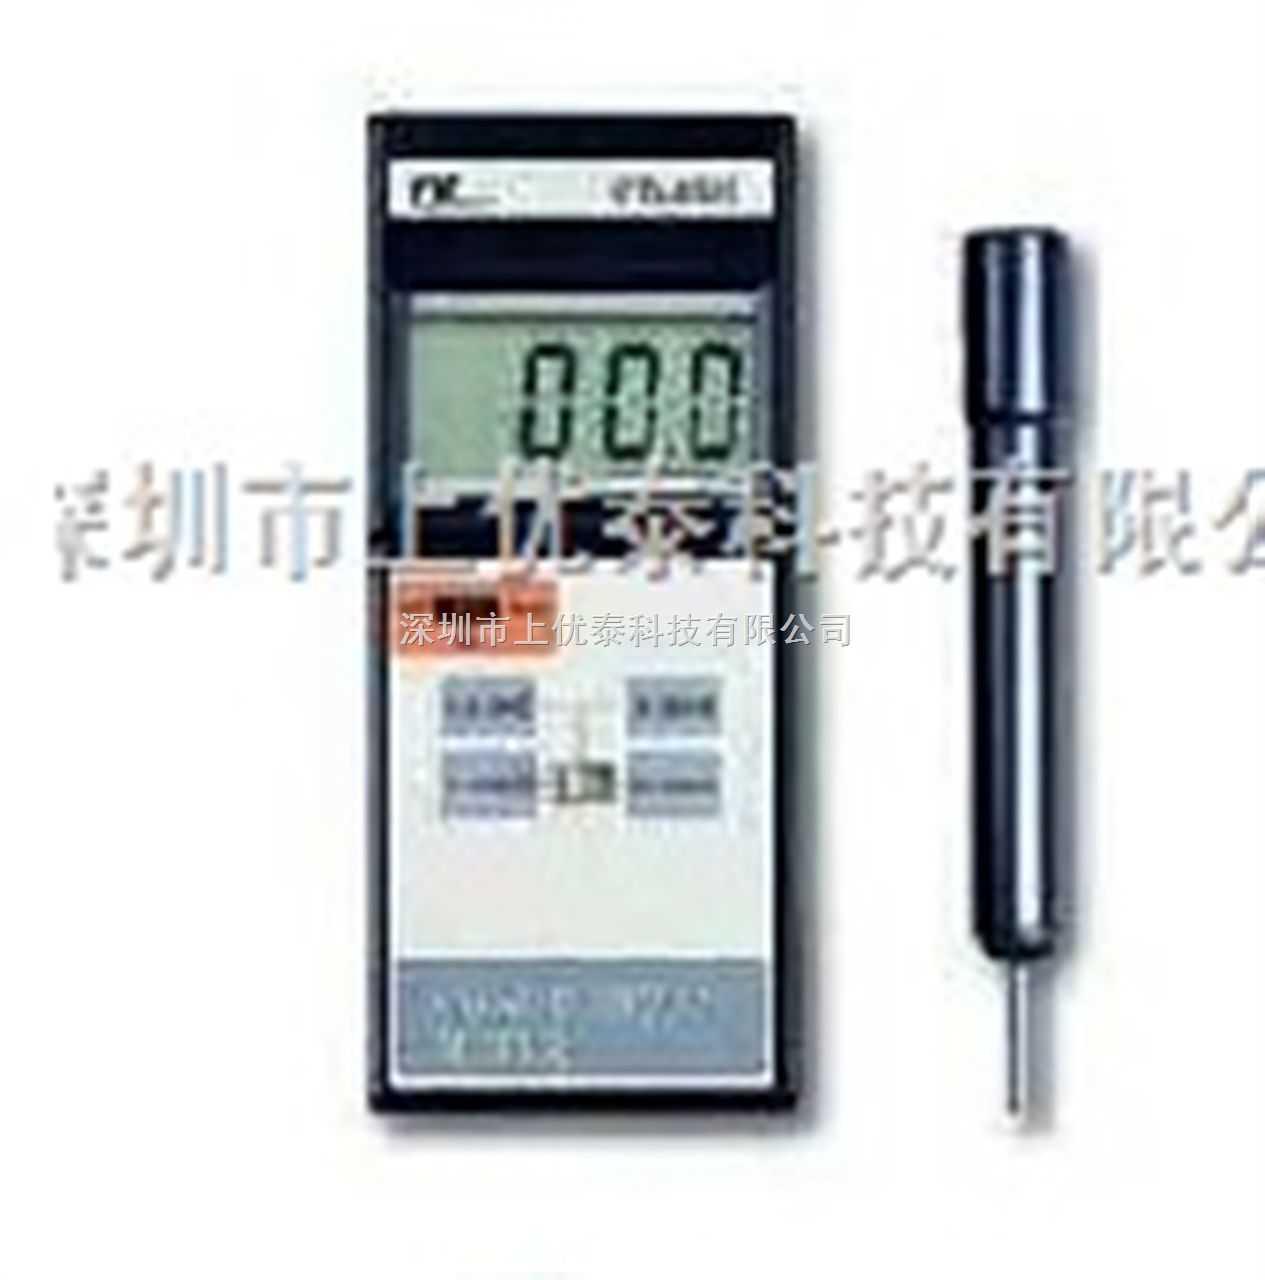 專業型電導度計,便攜式電導度計,手提式專業型電導度計